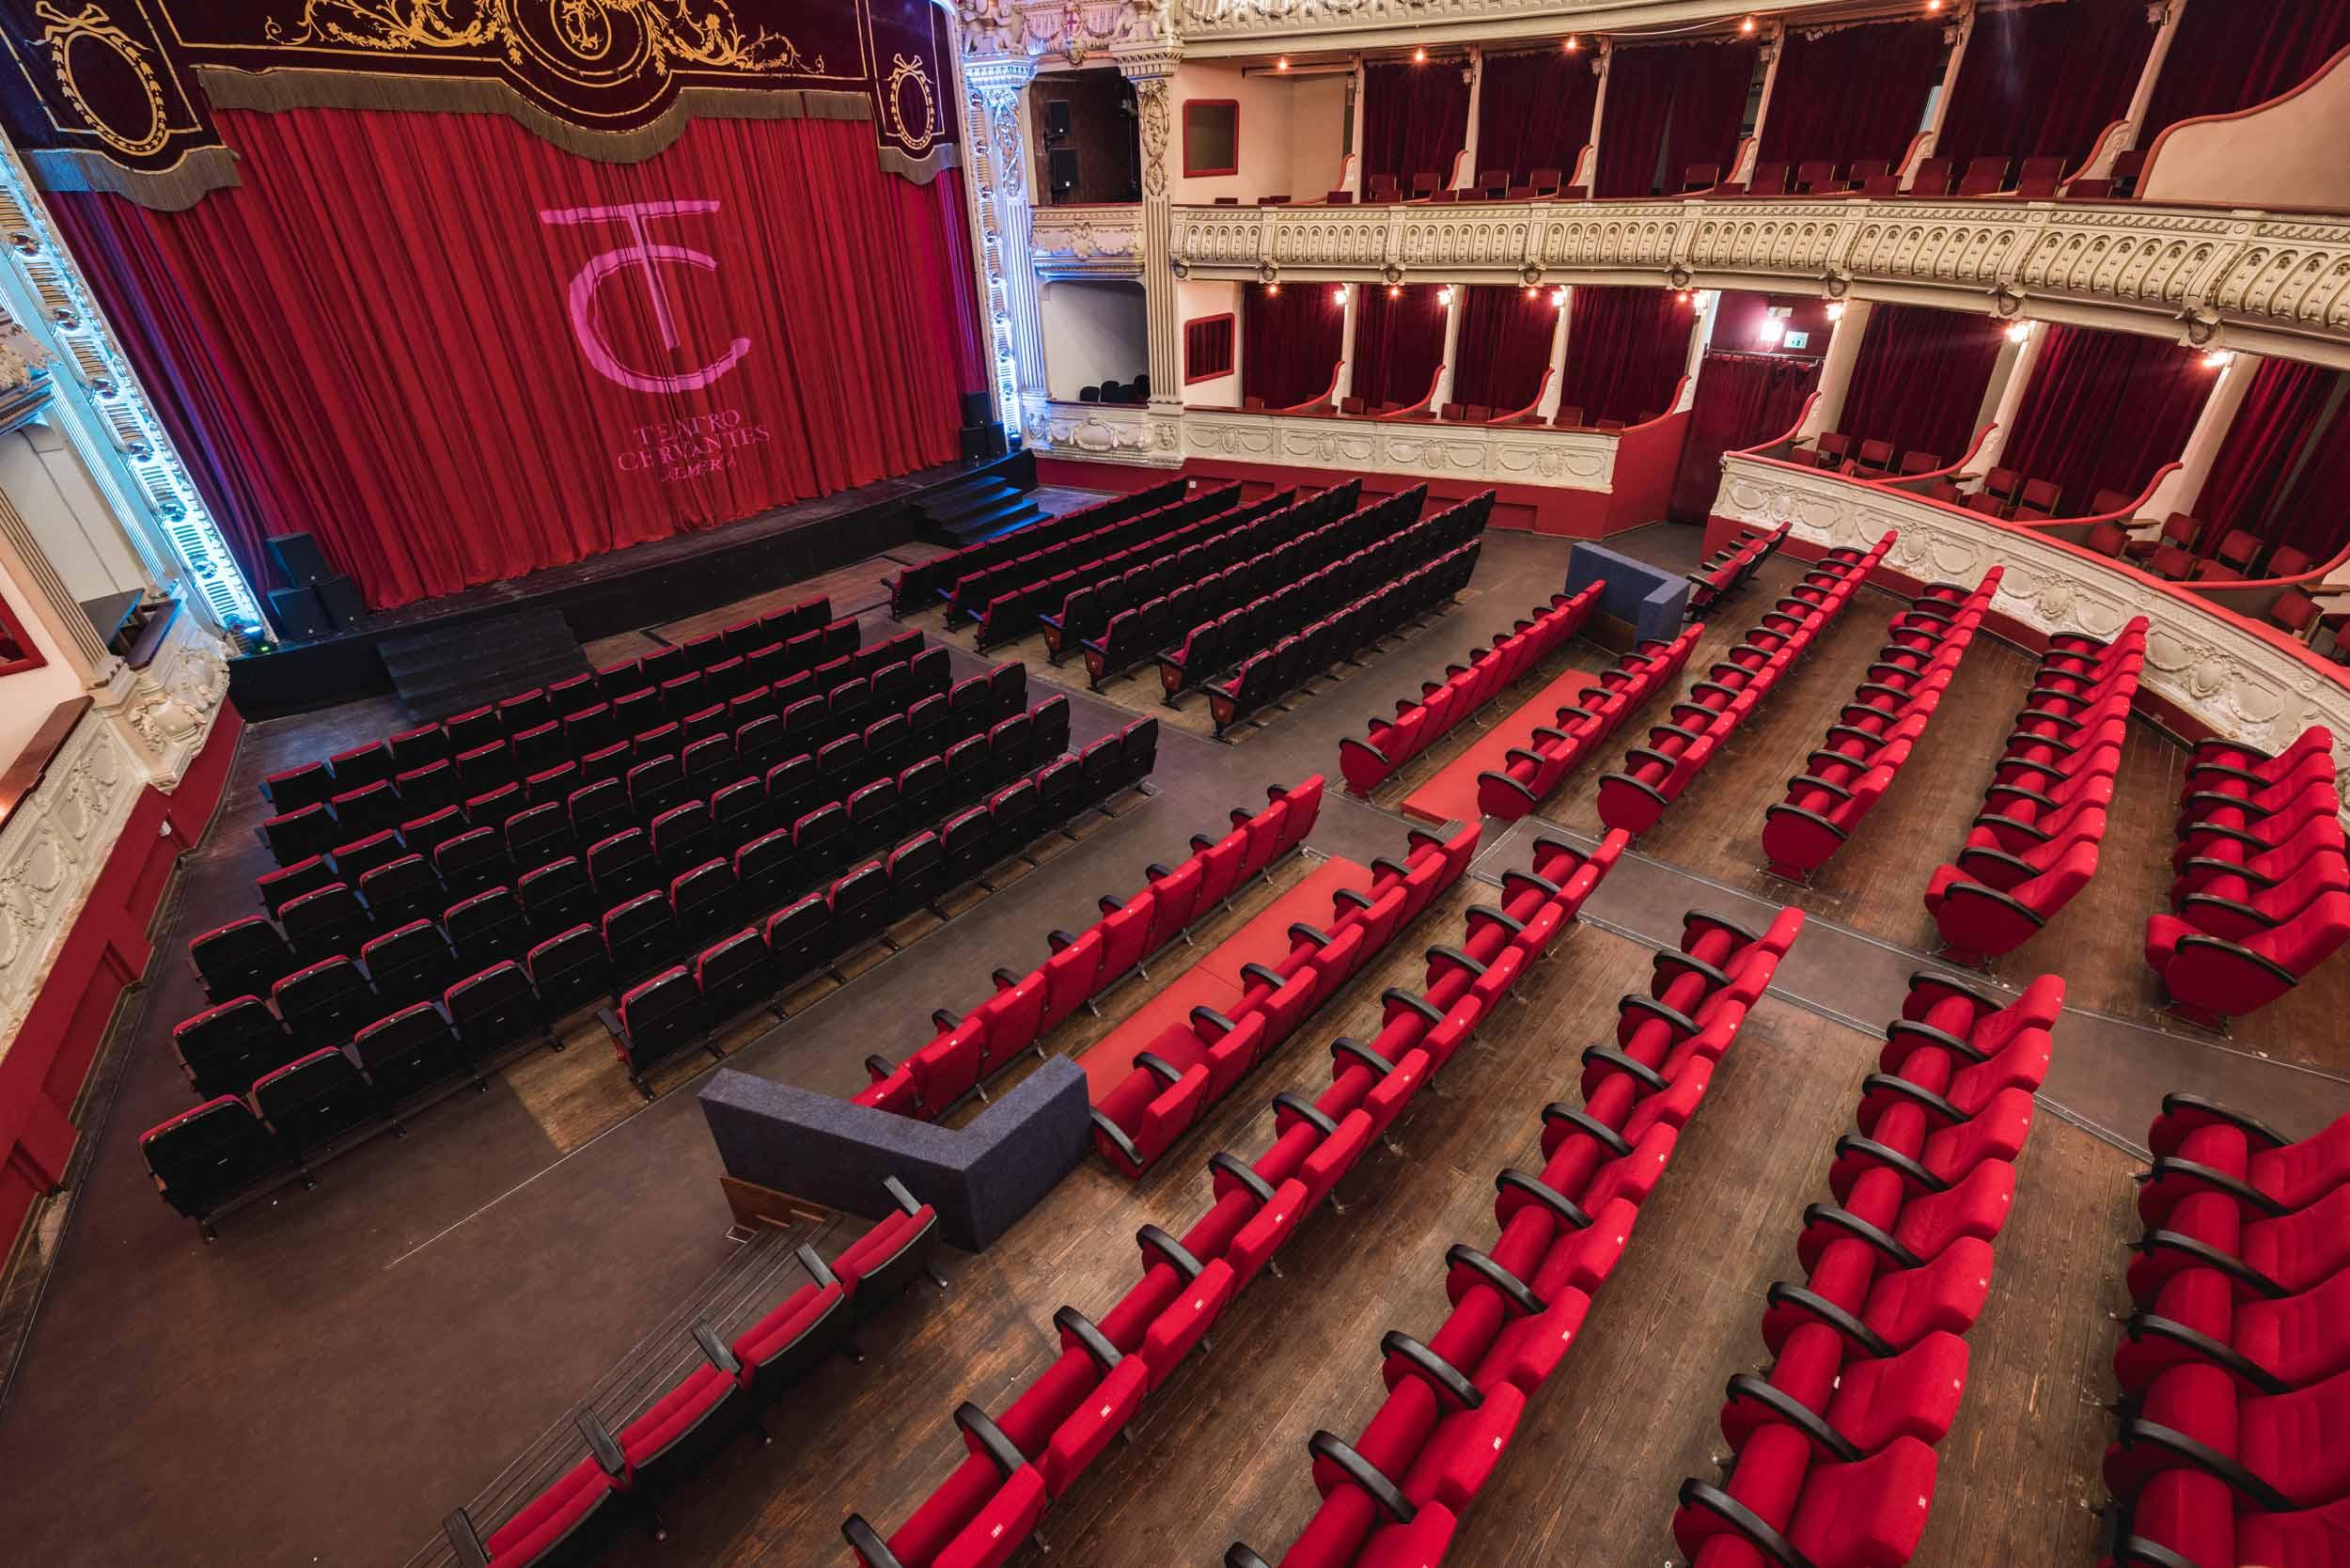 Convocatoria de acceso para cine y teatro 2020